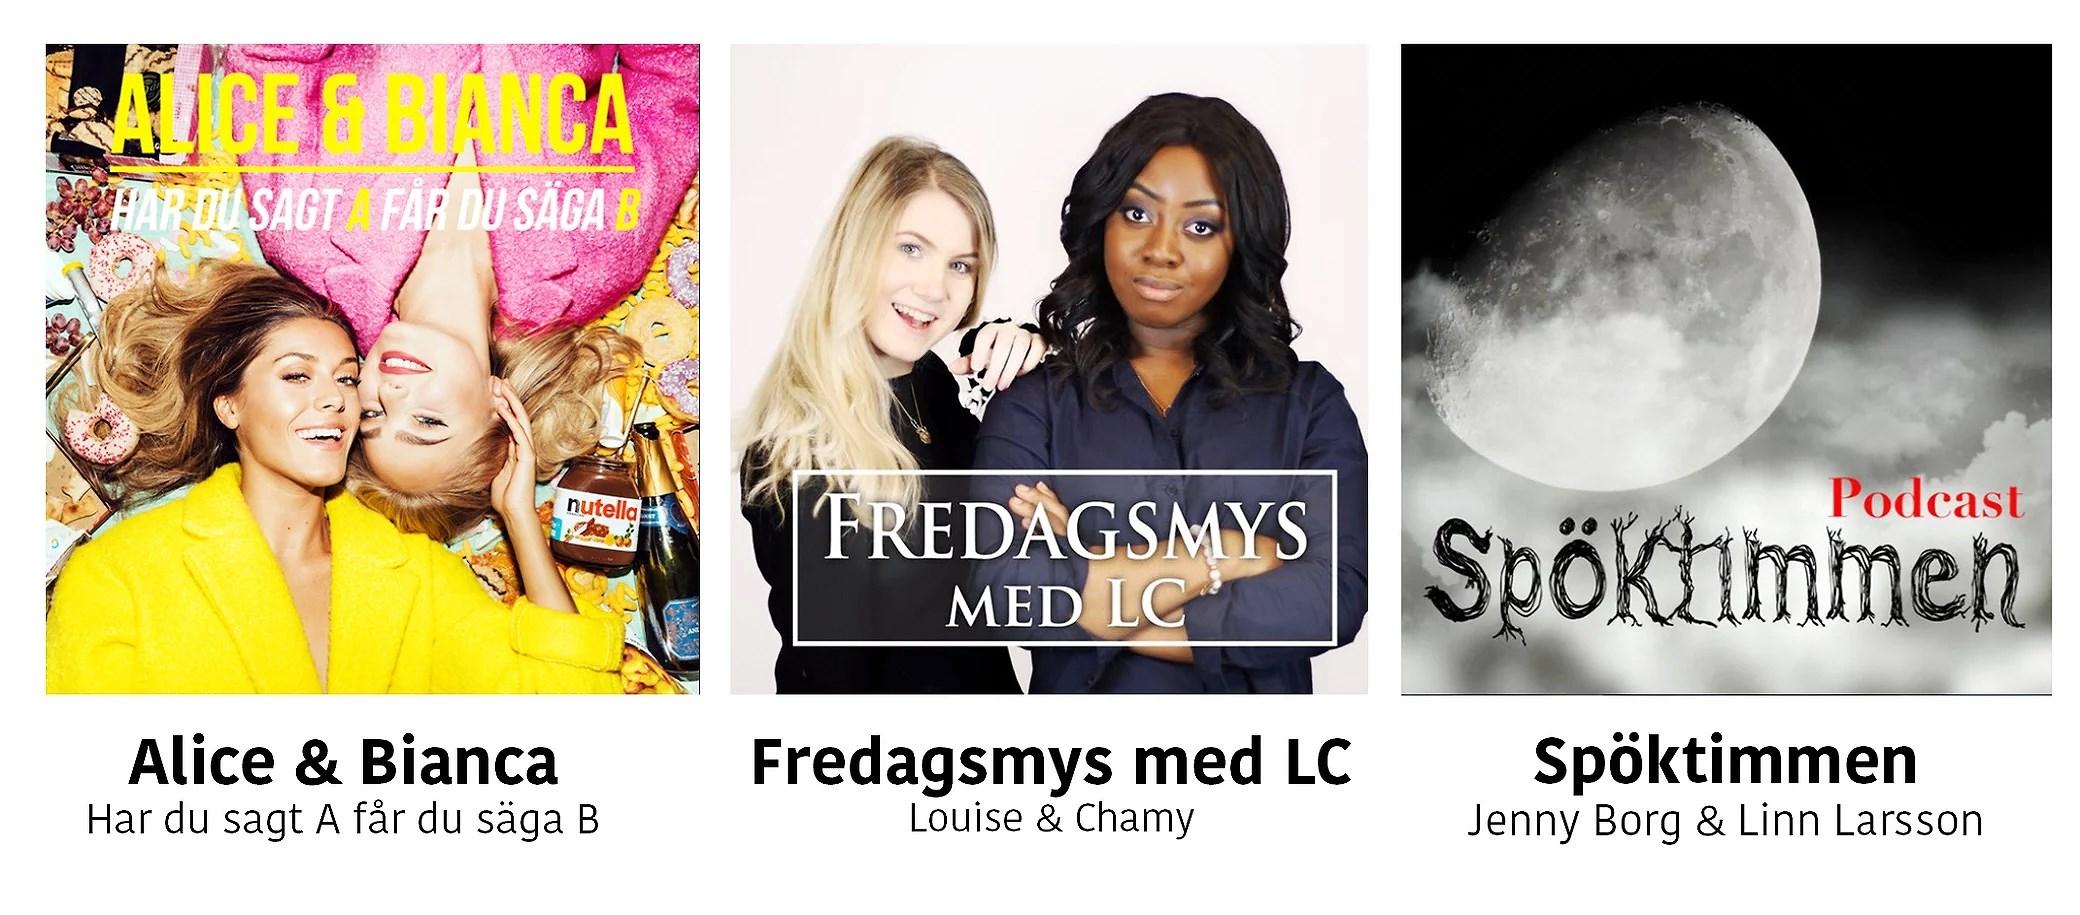 3 favoritlåtar, 3 favoritpodcasts